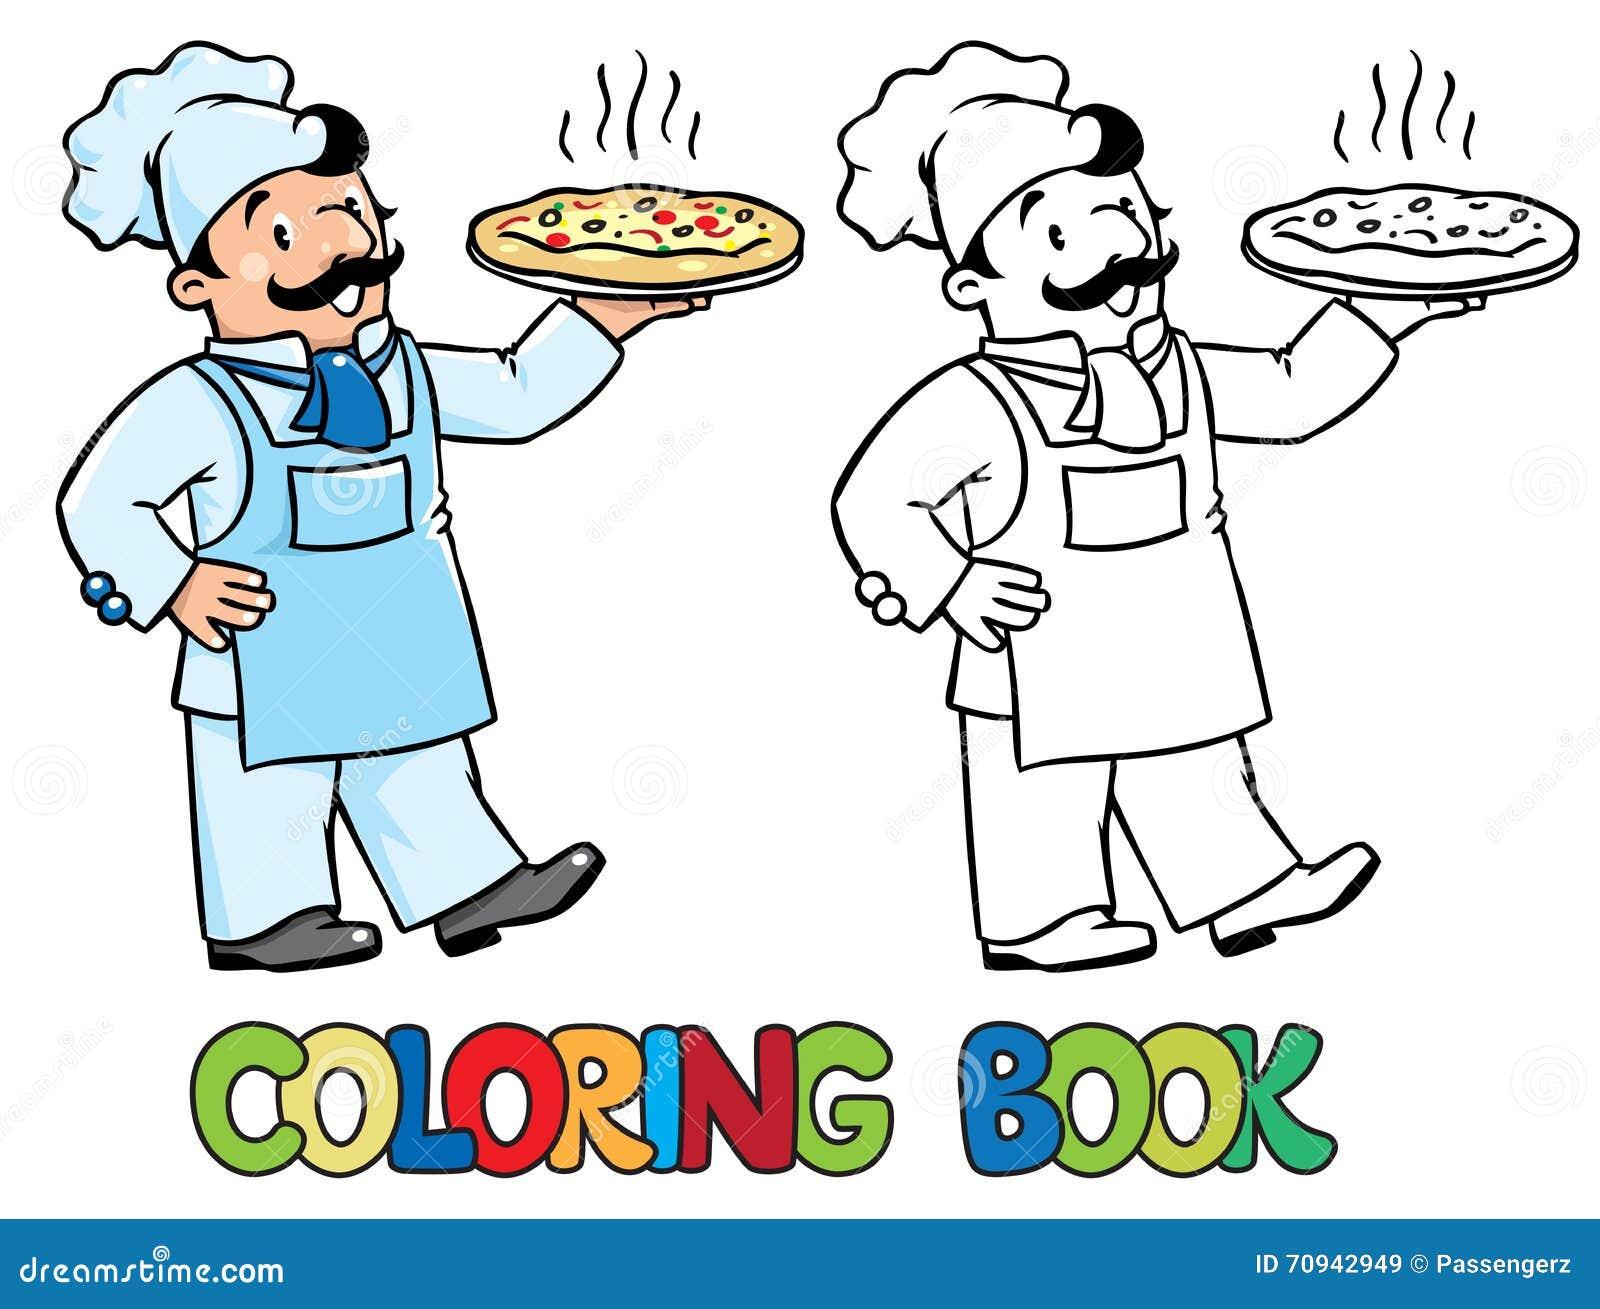 Fantastisch Pizza Malbuch Ideen - Malvorlagen Von Tieren - ngadi.info